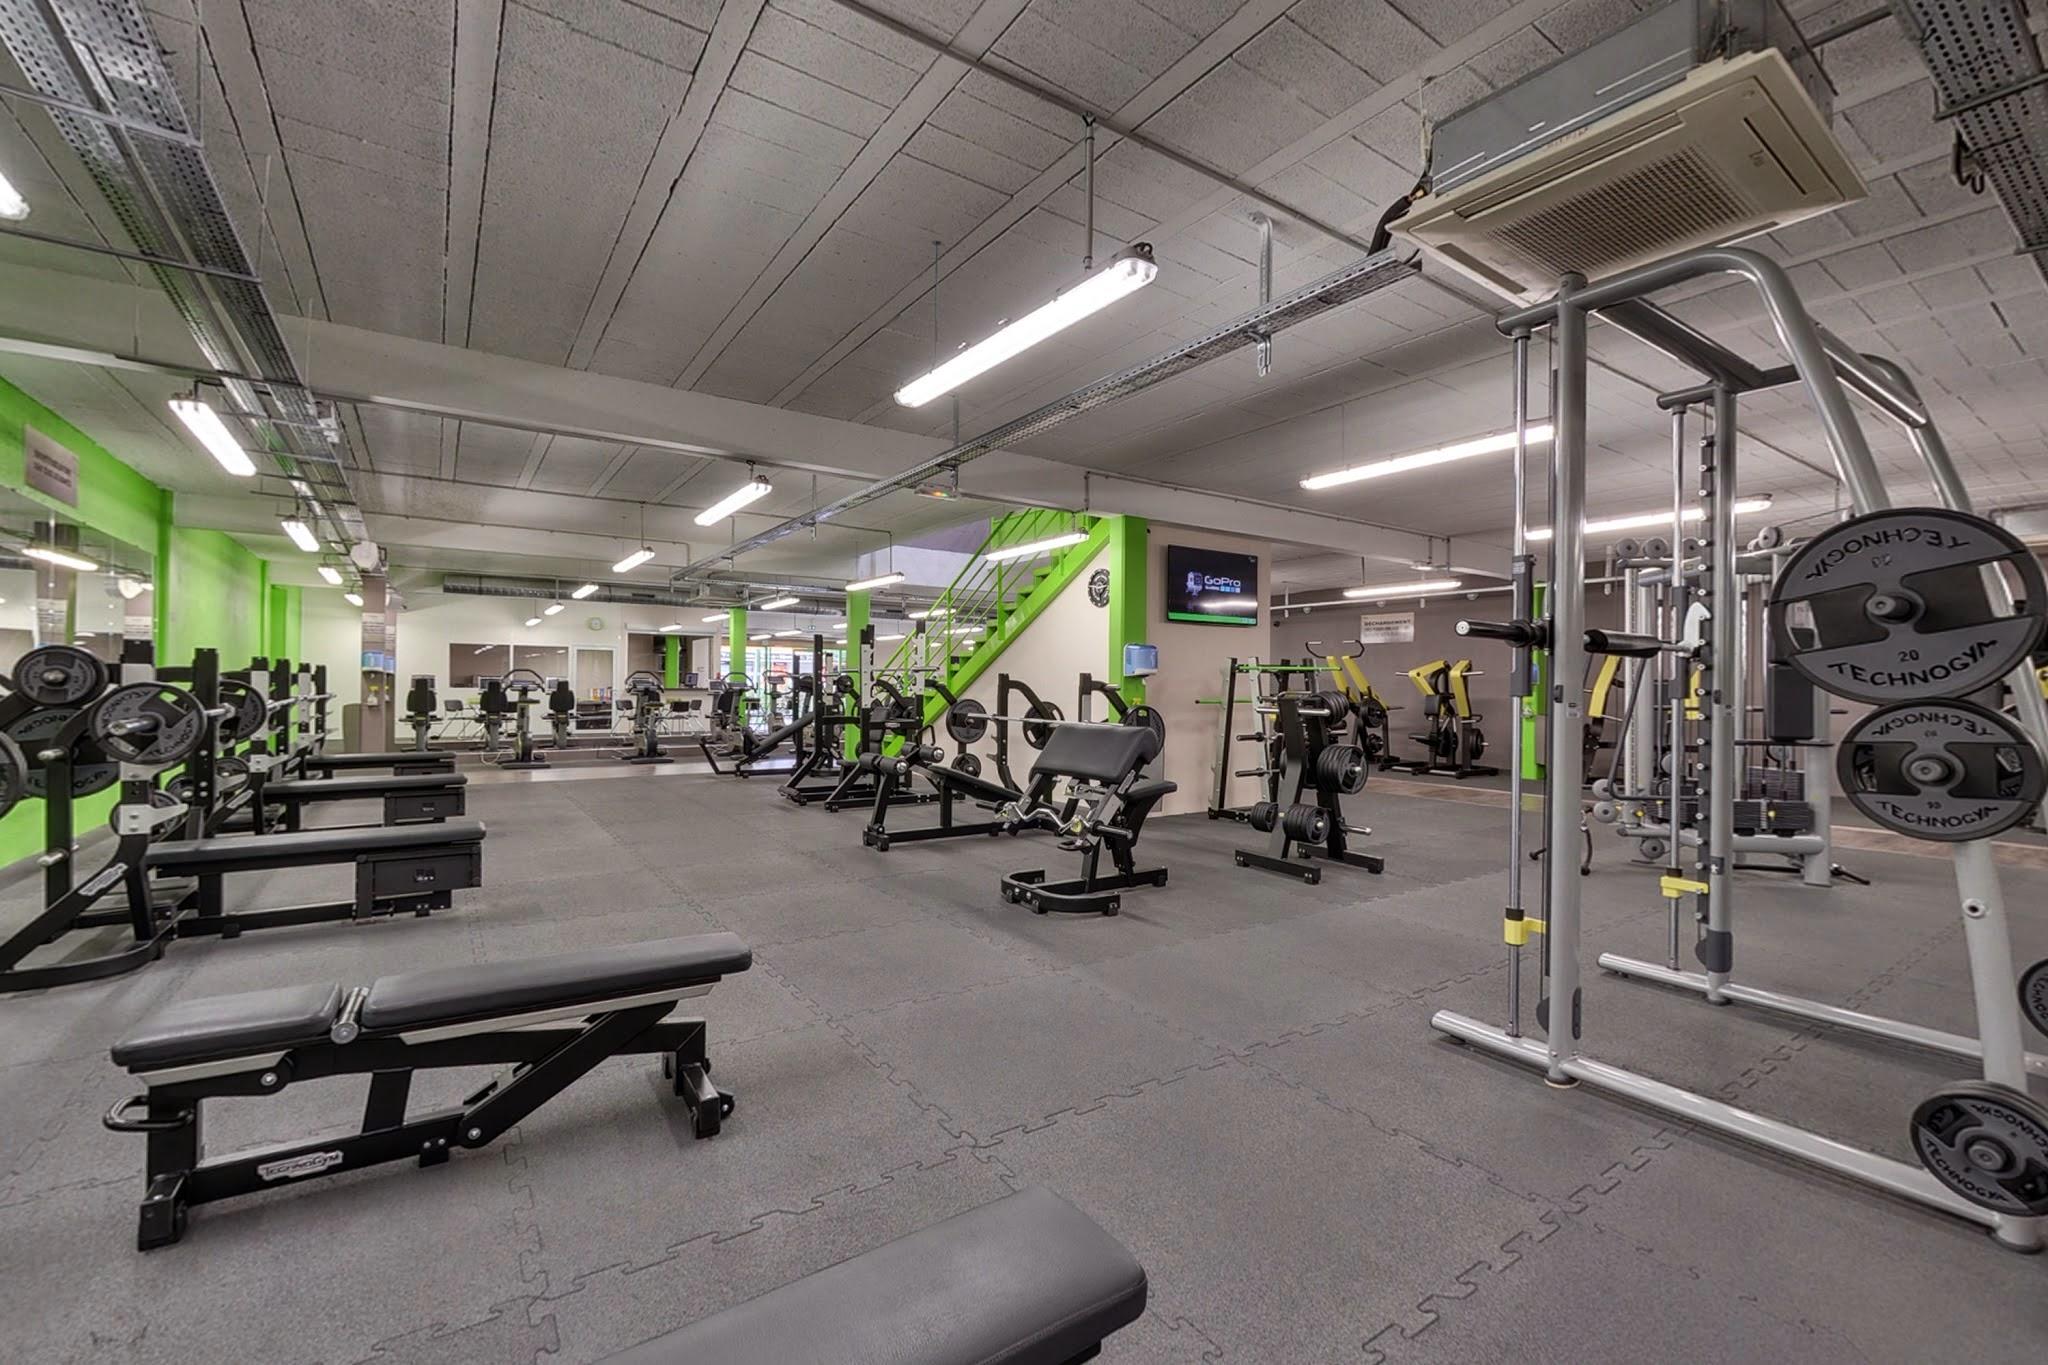 liberty gym merignac salles de. Black Bedroom Furniture Sets. Home Design Ideas